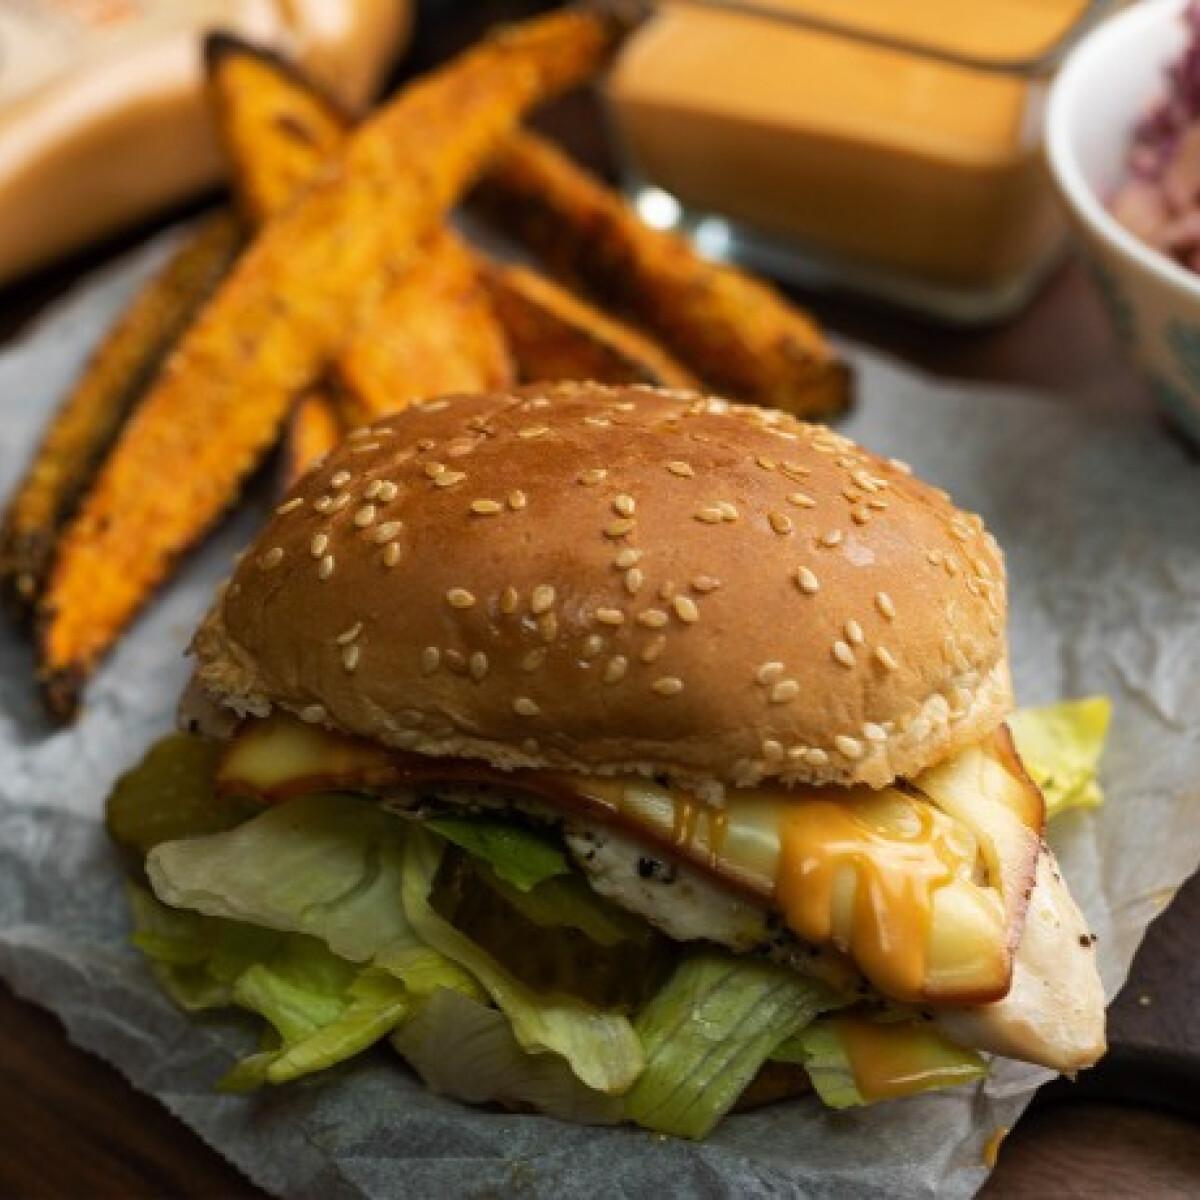 Ezen a képen: Zöldséges-csirkés burger pirított édesburgonya-hasábokkal